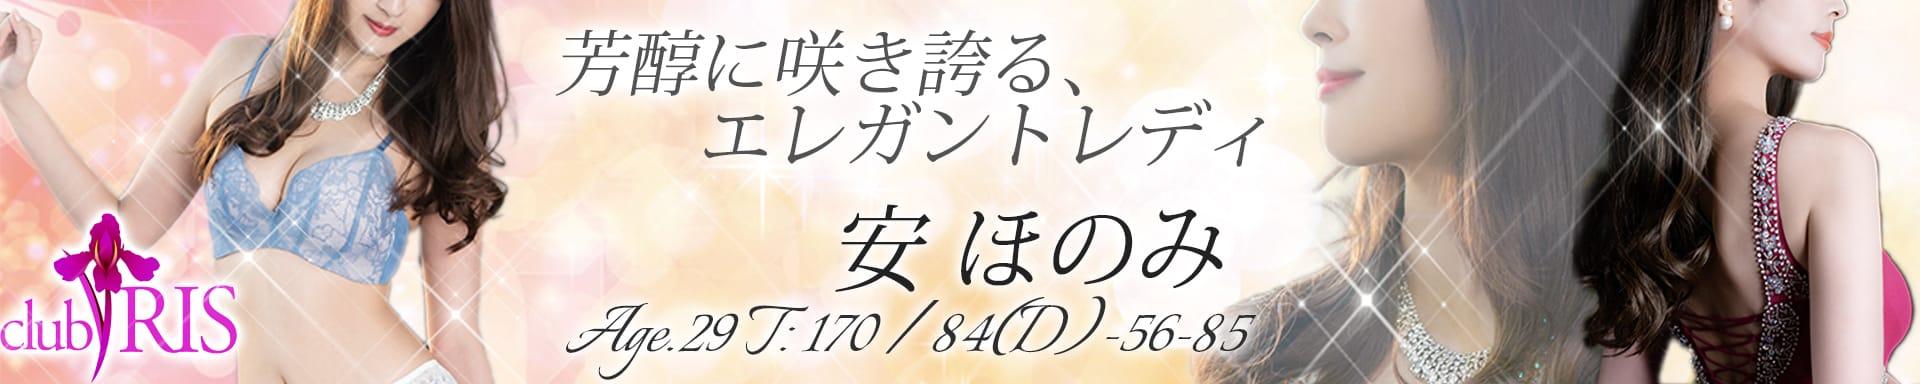 クラブアイリス東京 その3